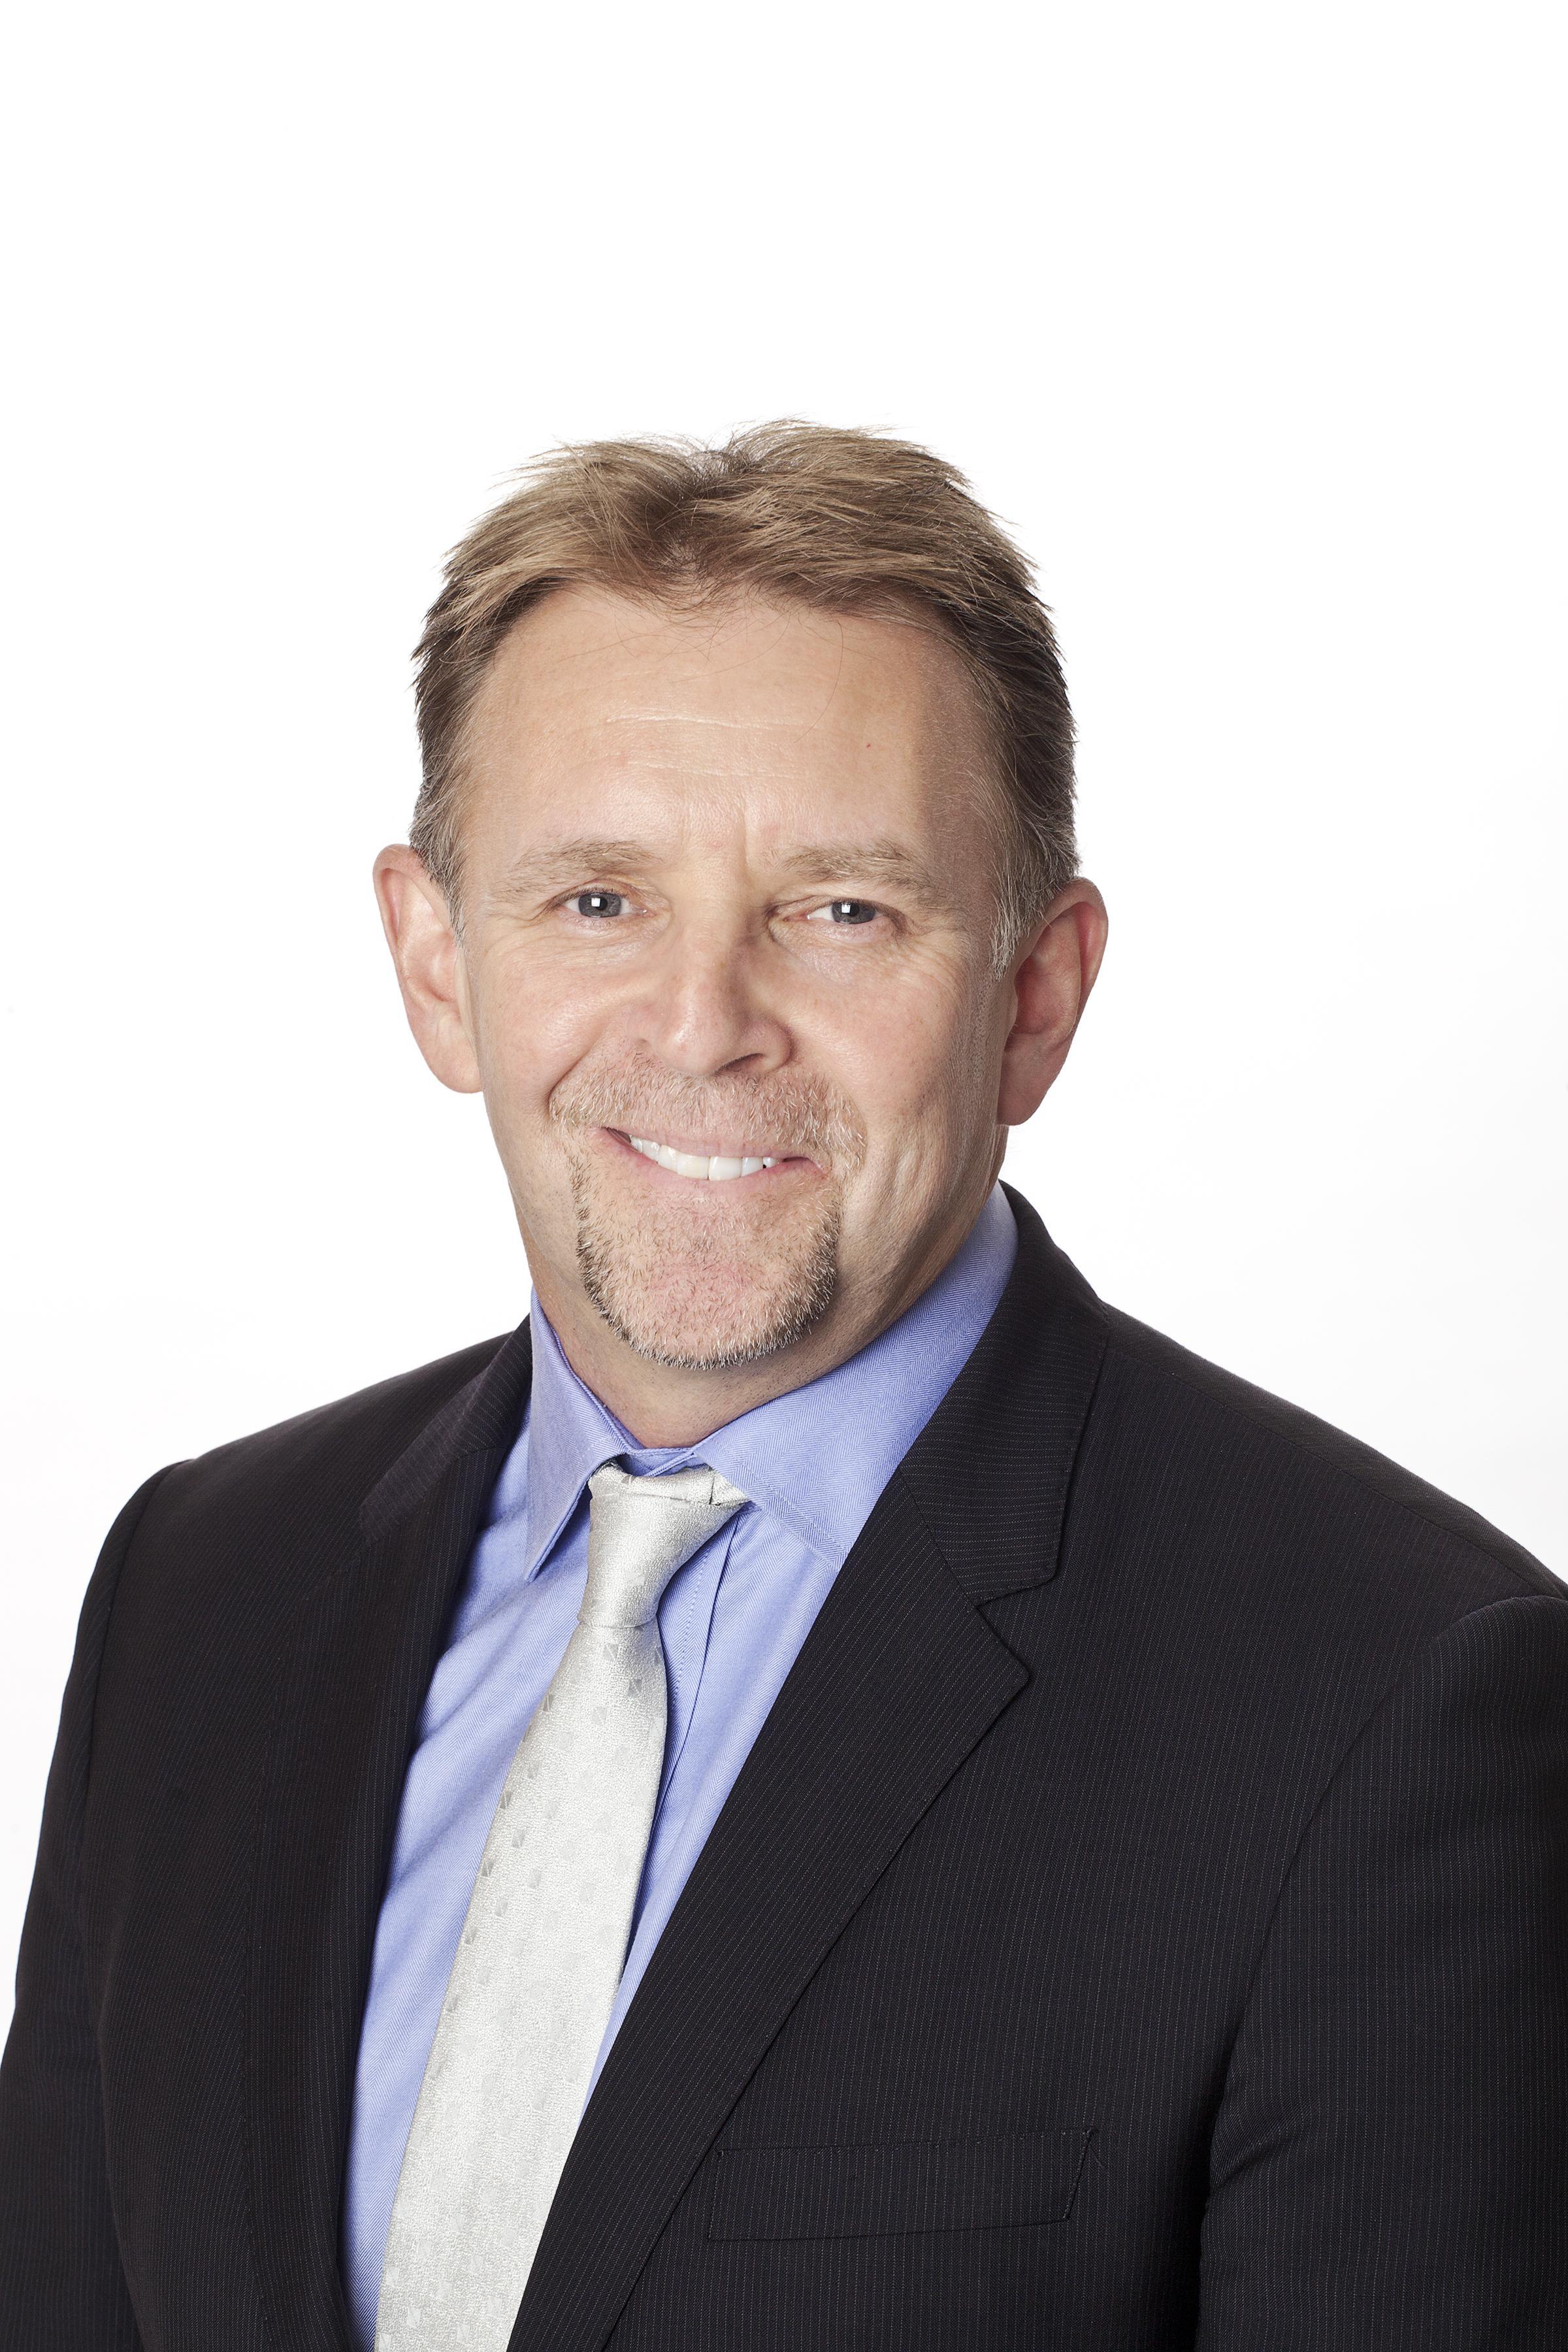 Gary Hilt